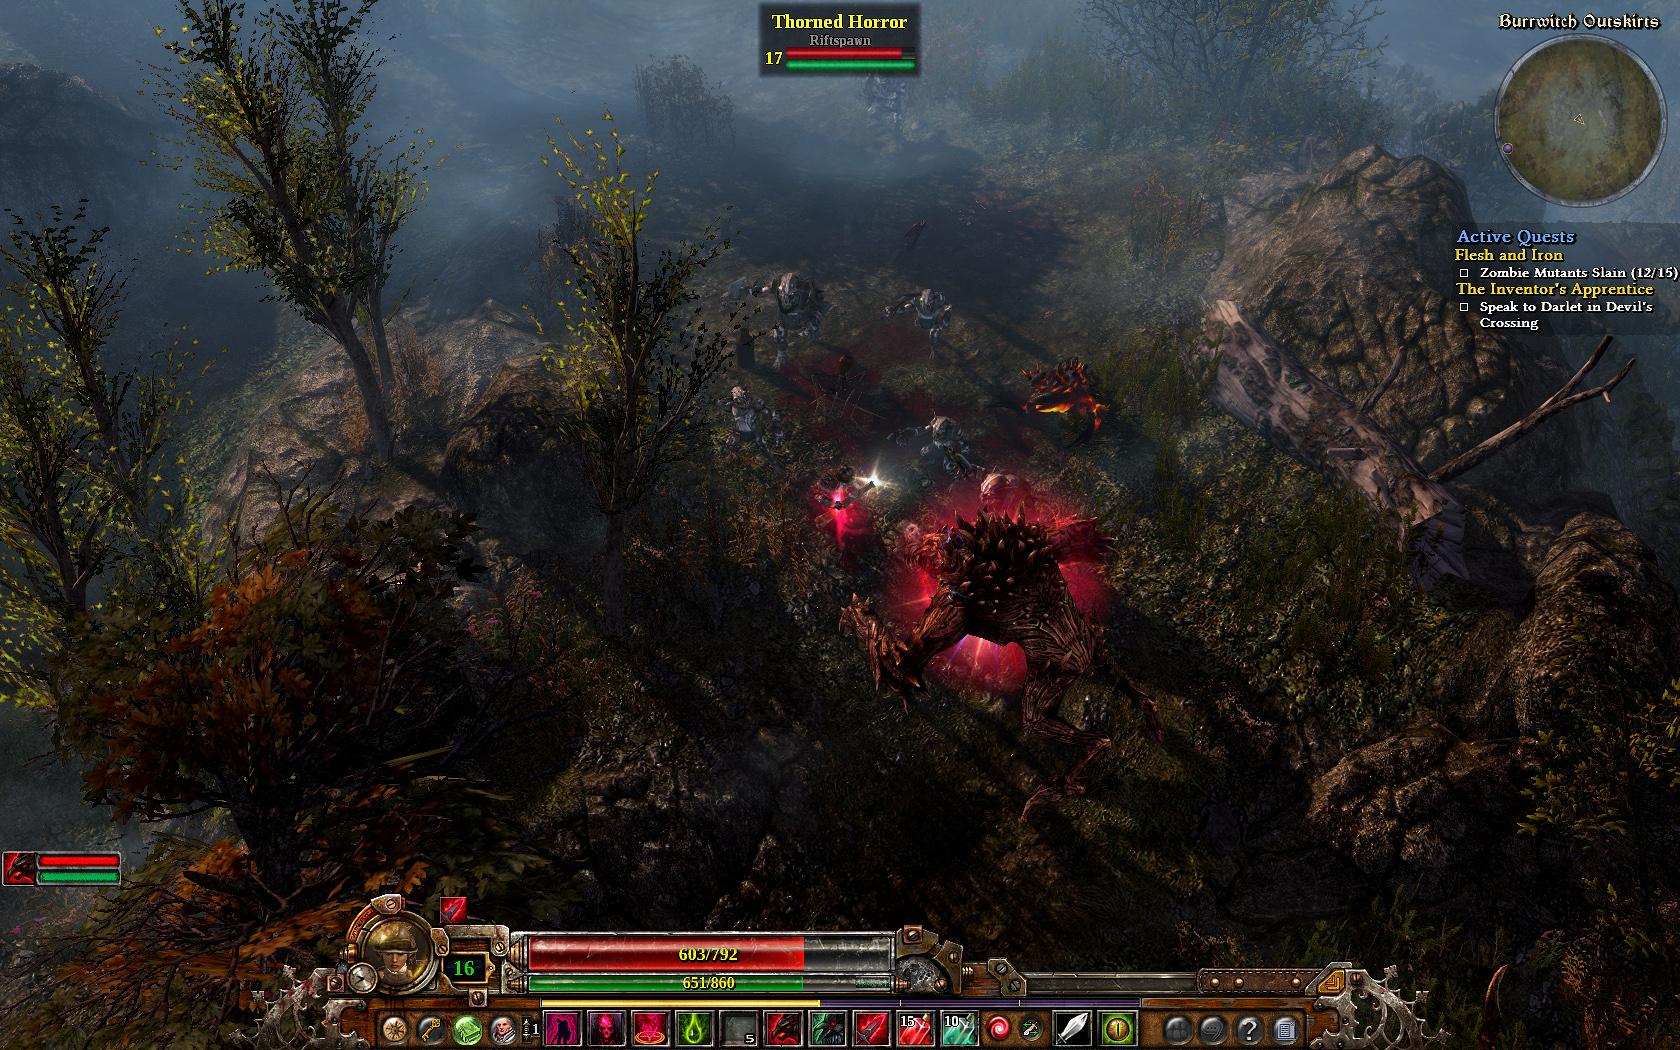 Garść screenów z Grim Dawn, mrocznego hack'n'slasha twórców Titan Questa - obrazek 1